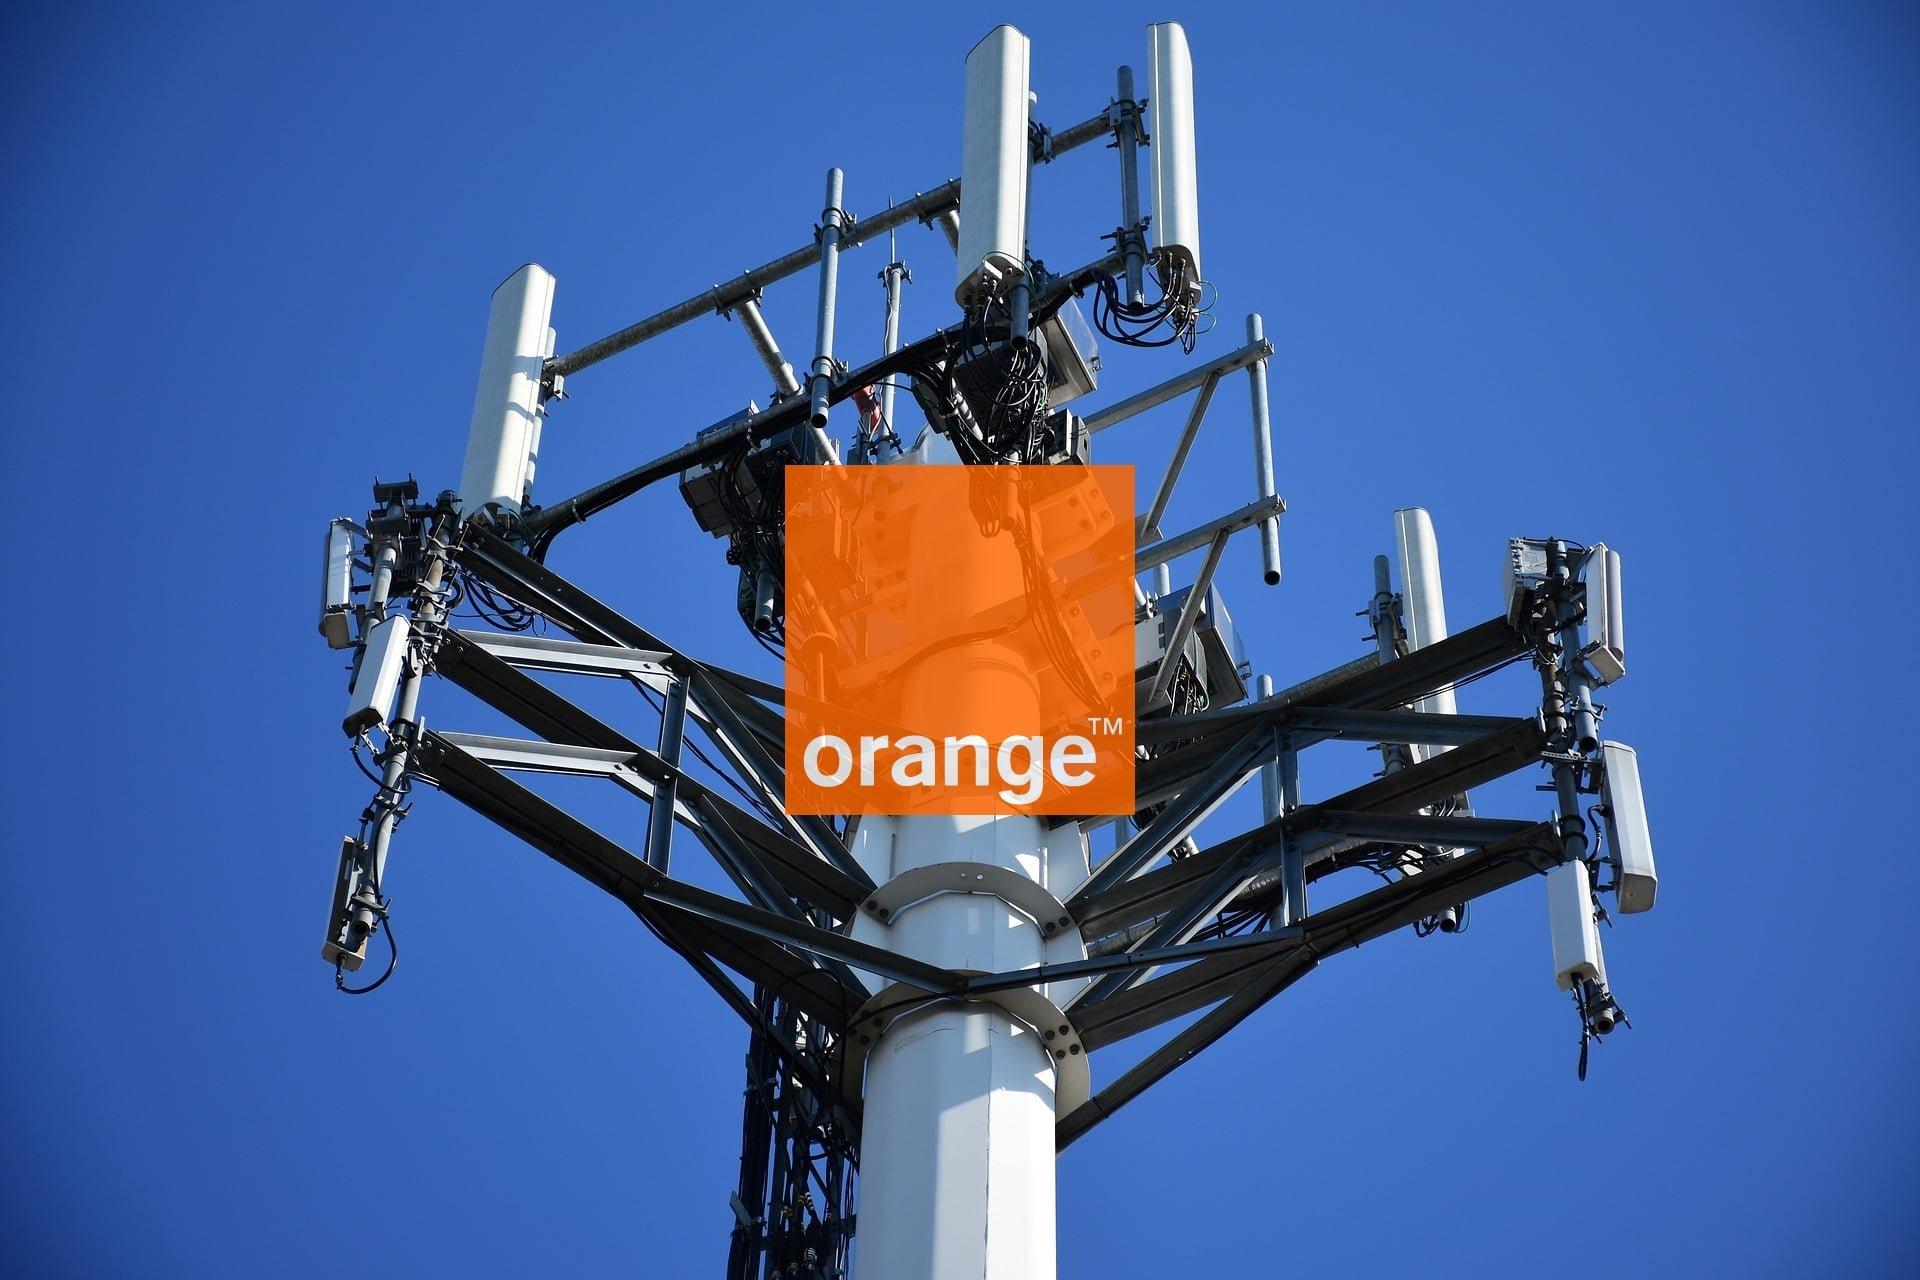 Sieć 5G Orange dostępna od teraz również w Trójmieście